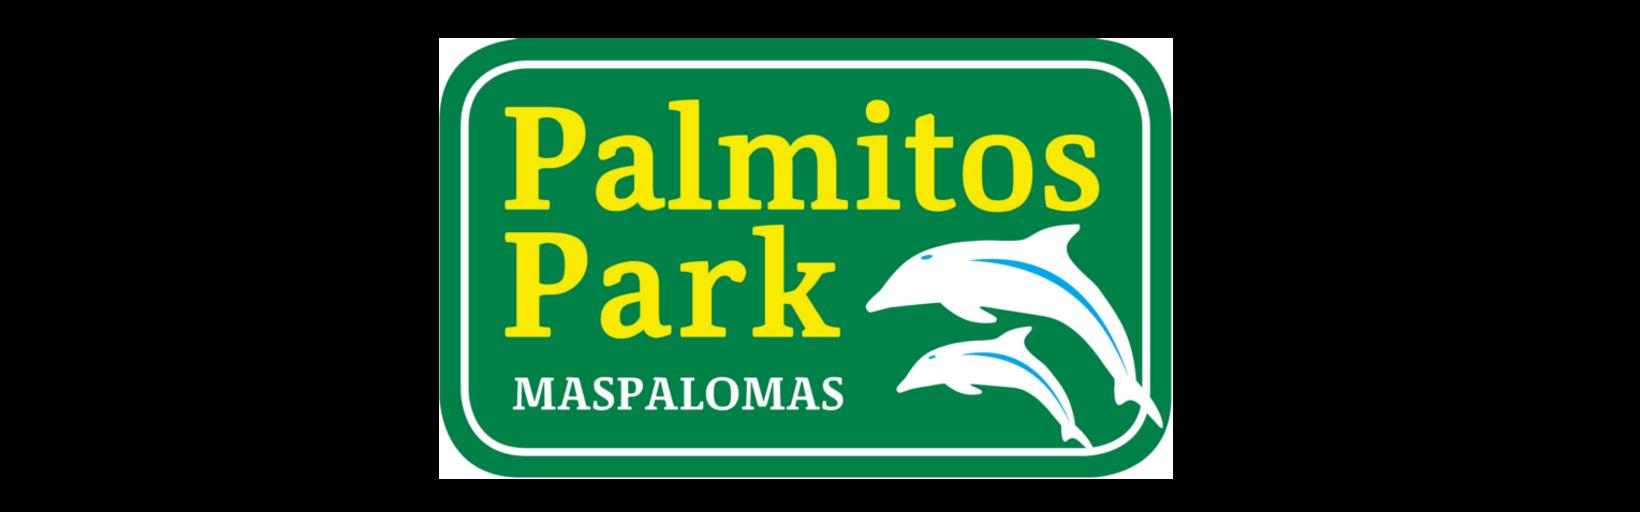 palmitos-park-gcom-web